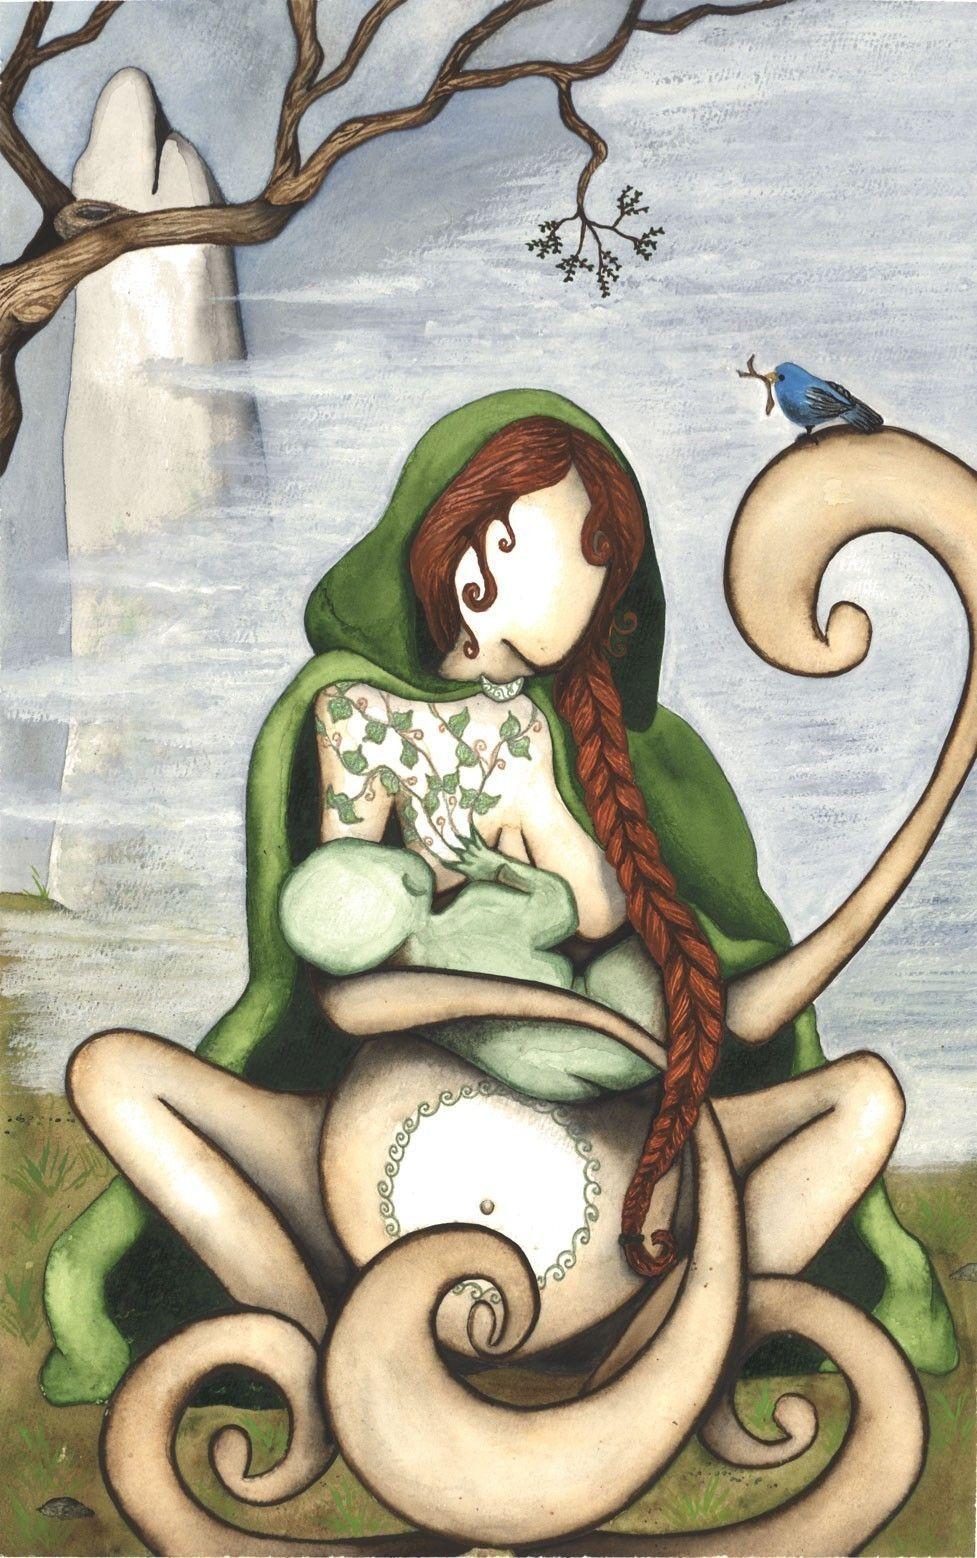 Danu ou Danann é uma Deusa Mãe da criação e fertilidade Céltica/Irlandesa. Ela está presente no panteão Irlandês, os Tuatha de Danann. (by Megan Welti on etsy)